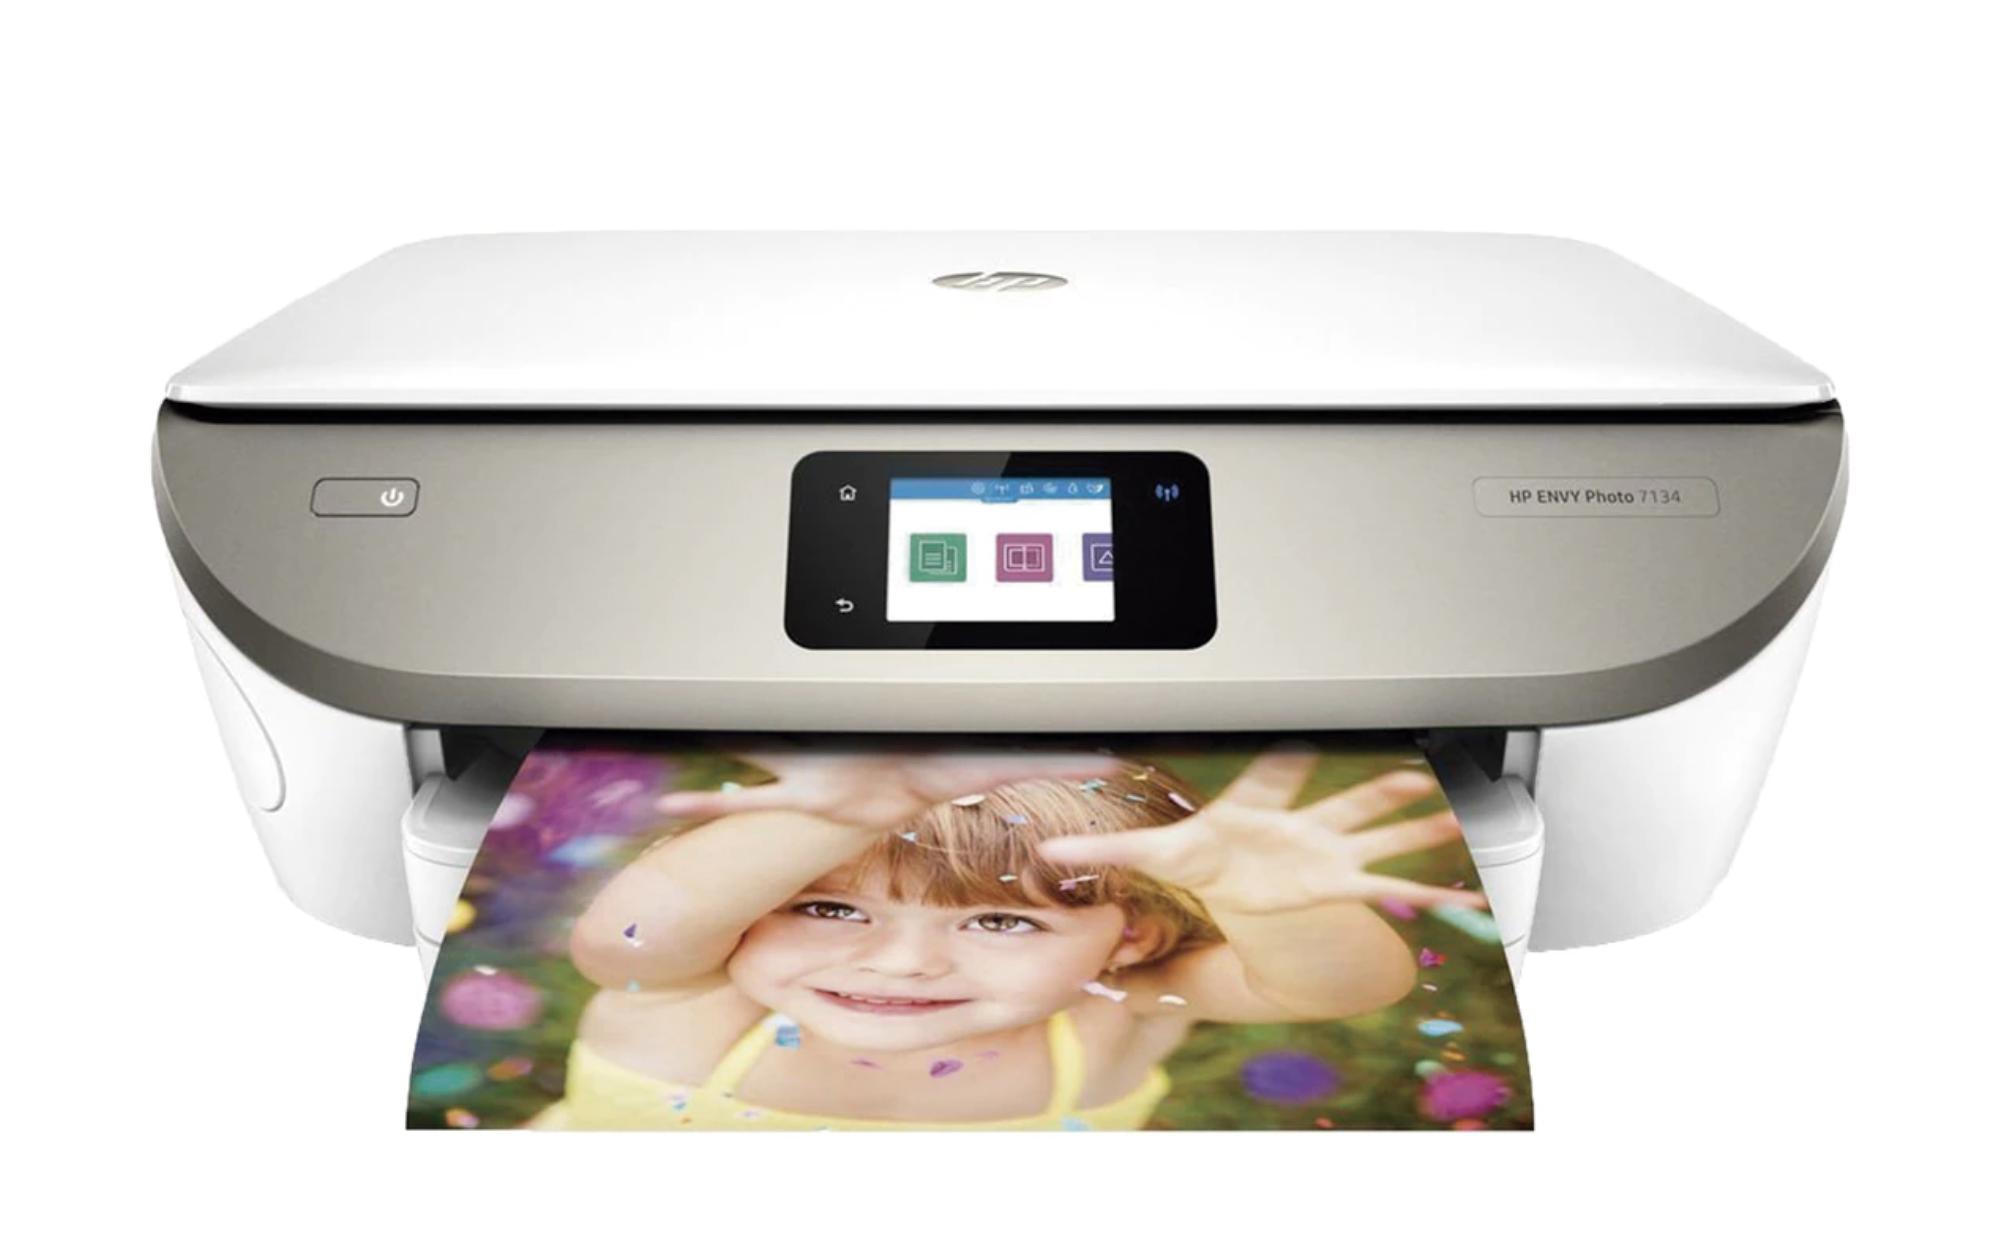 Impresora Mutltifunción Tinta HP Envy Photo 7134, Wi-Fi, copia, escanea, compatible con Instant Ink